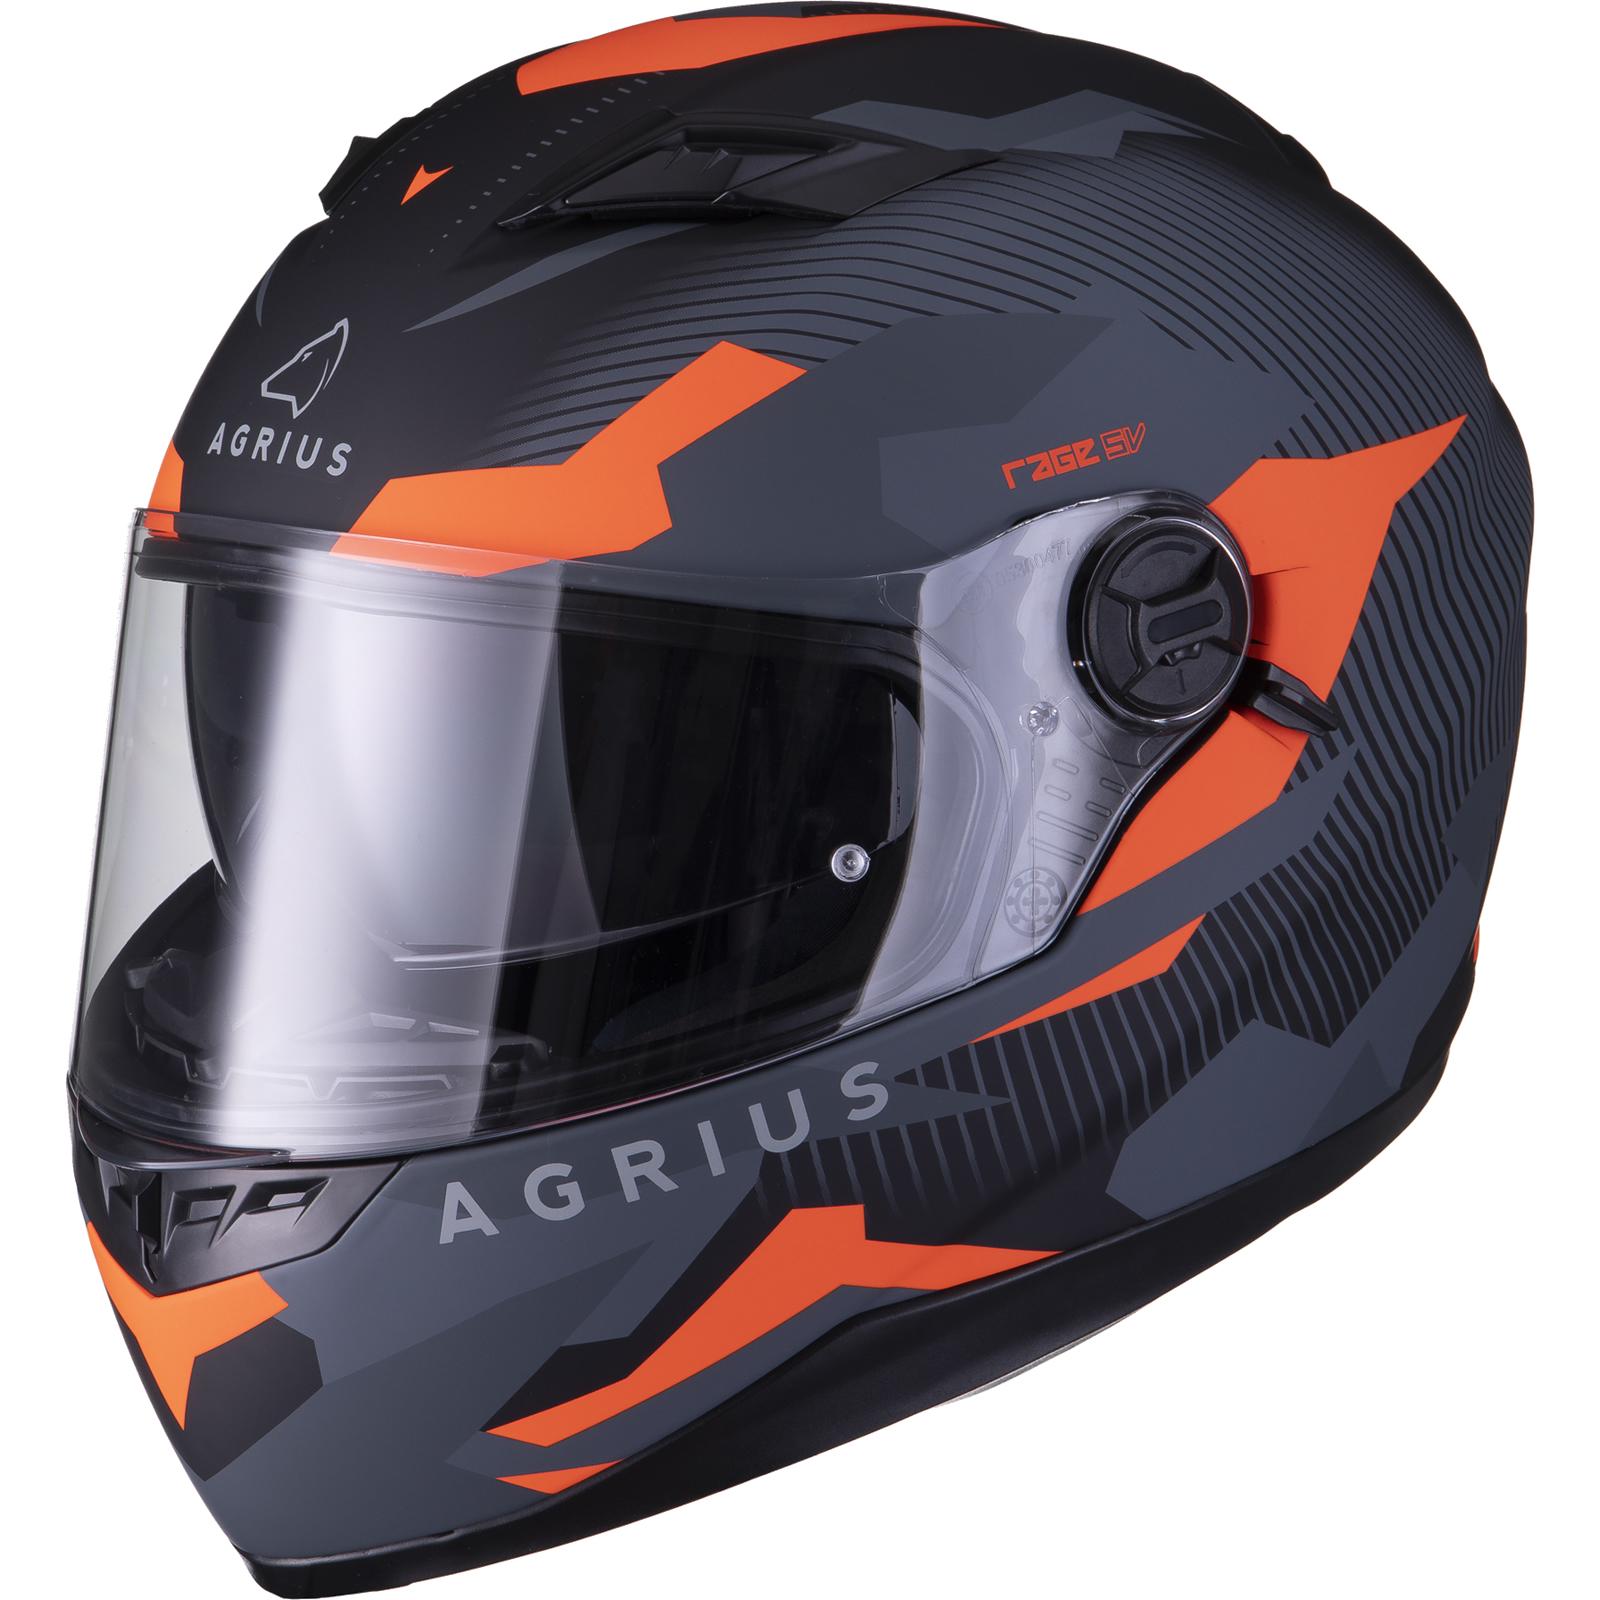 Agrius-Rage-SV-Tracker-Full-Face-Motorcycle-Matt-Helmet-bike-Road-Bike-Scooter thumbnail 27